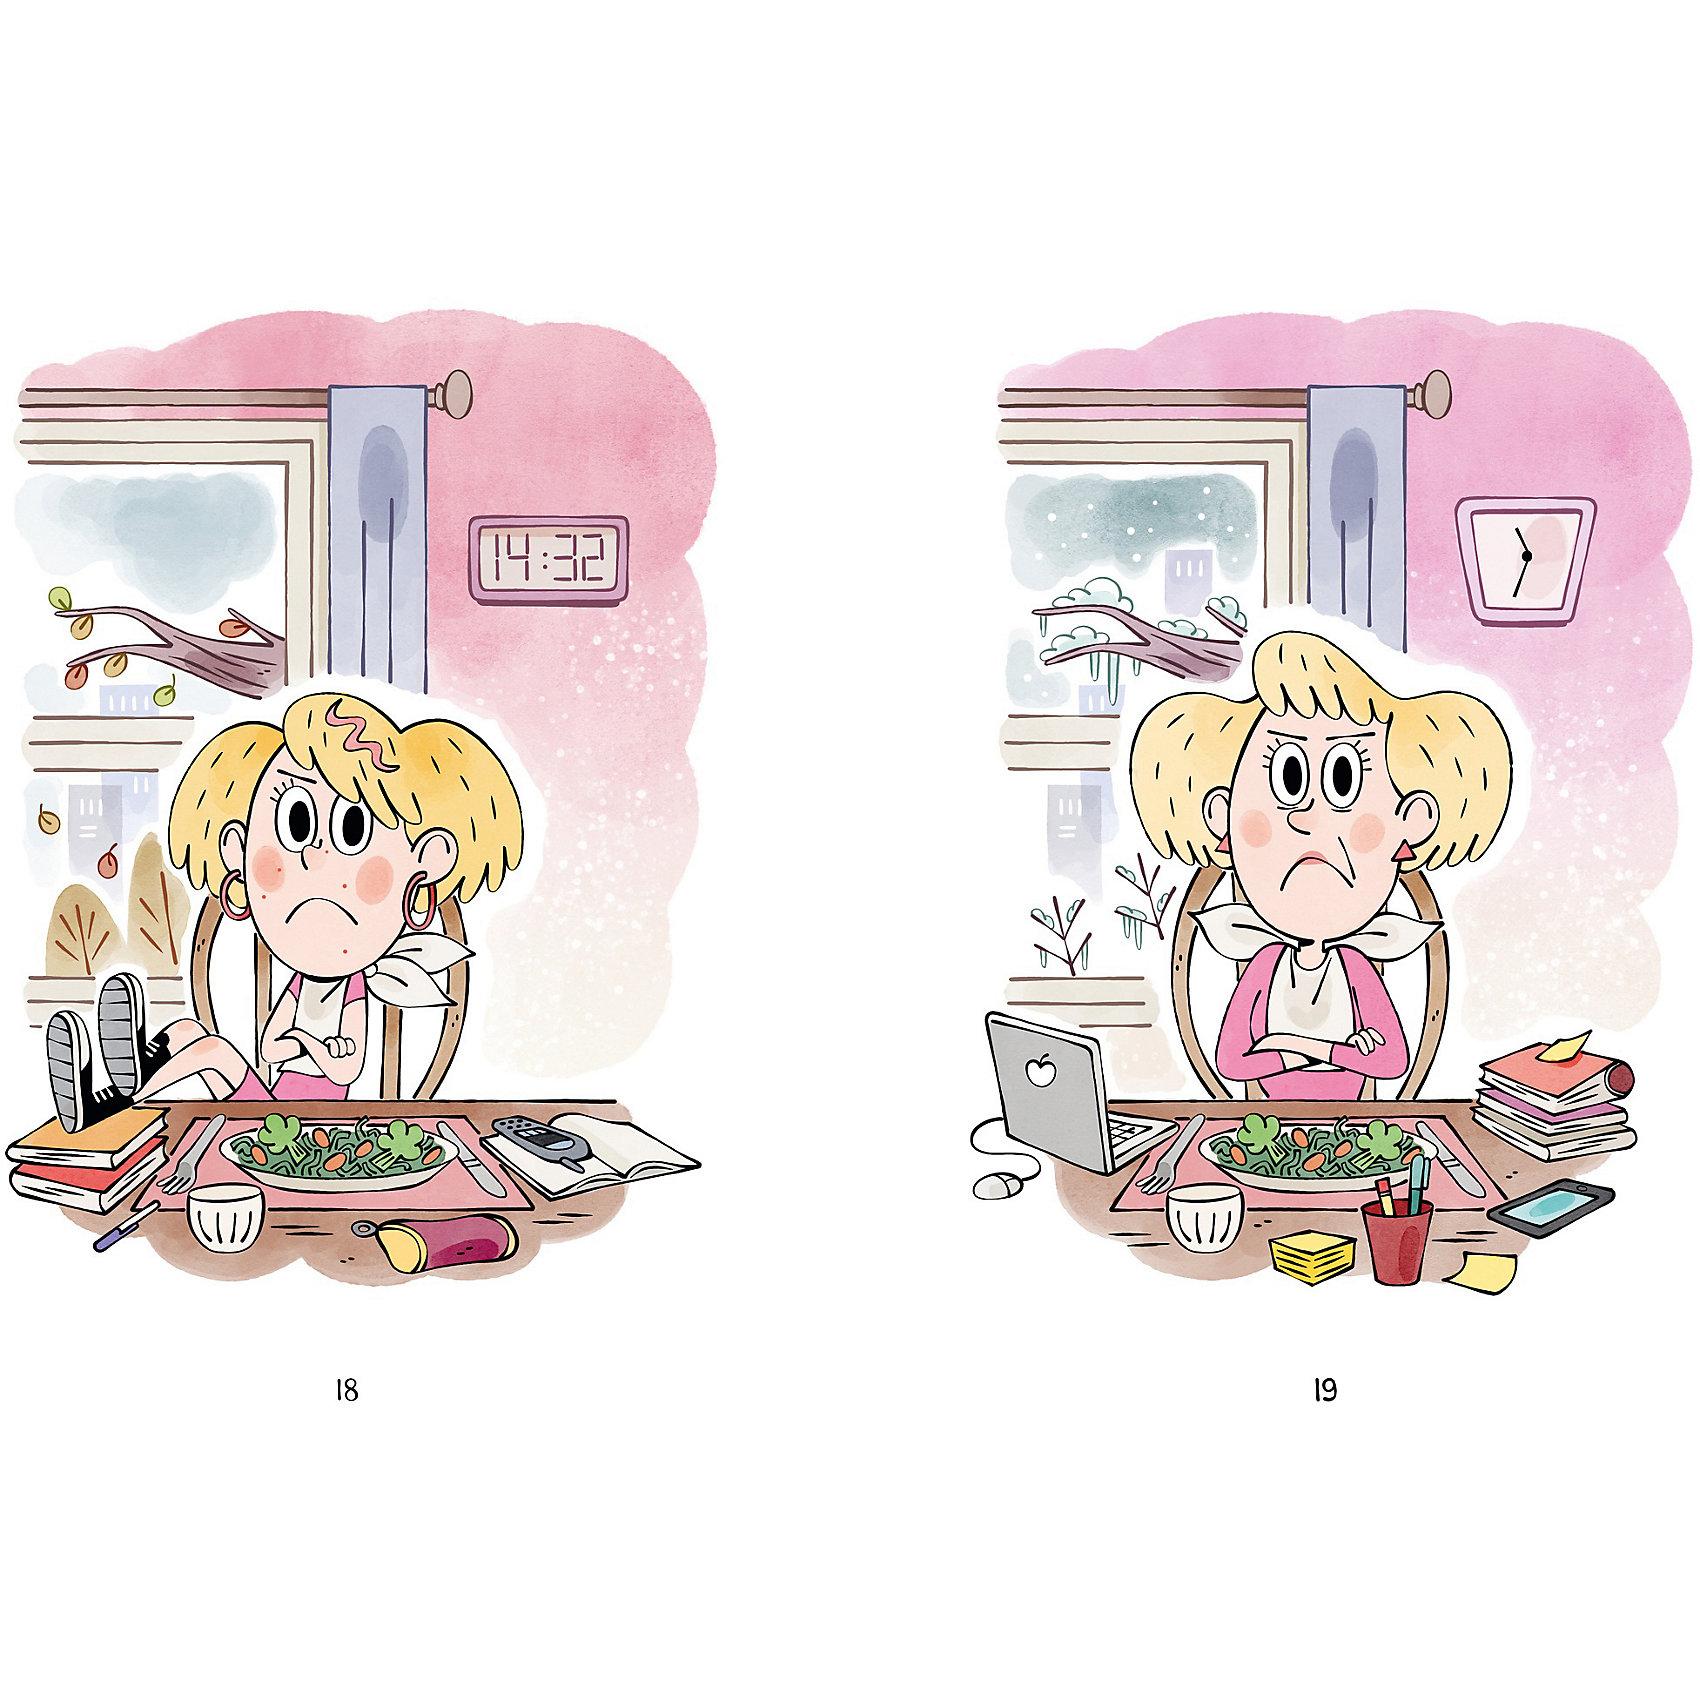 Иллюстрации к книге без слов